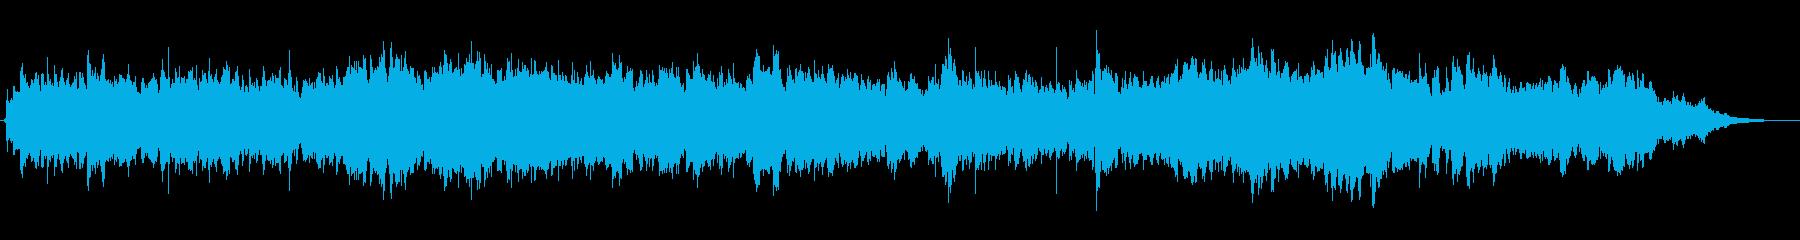 ハープとシンセパッドの優しいジングルの再生済みの波形